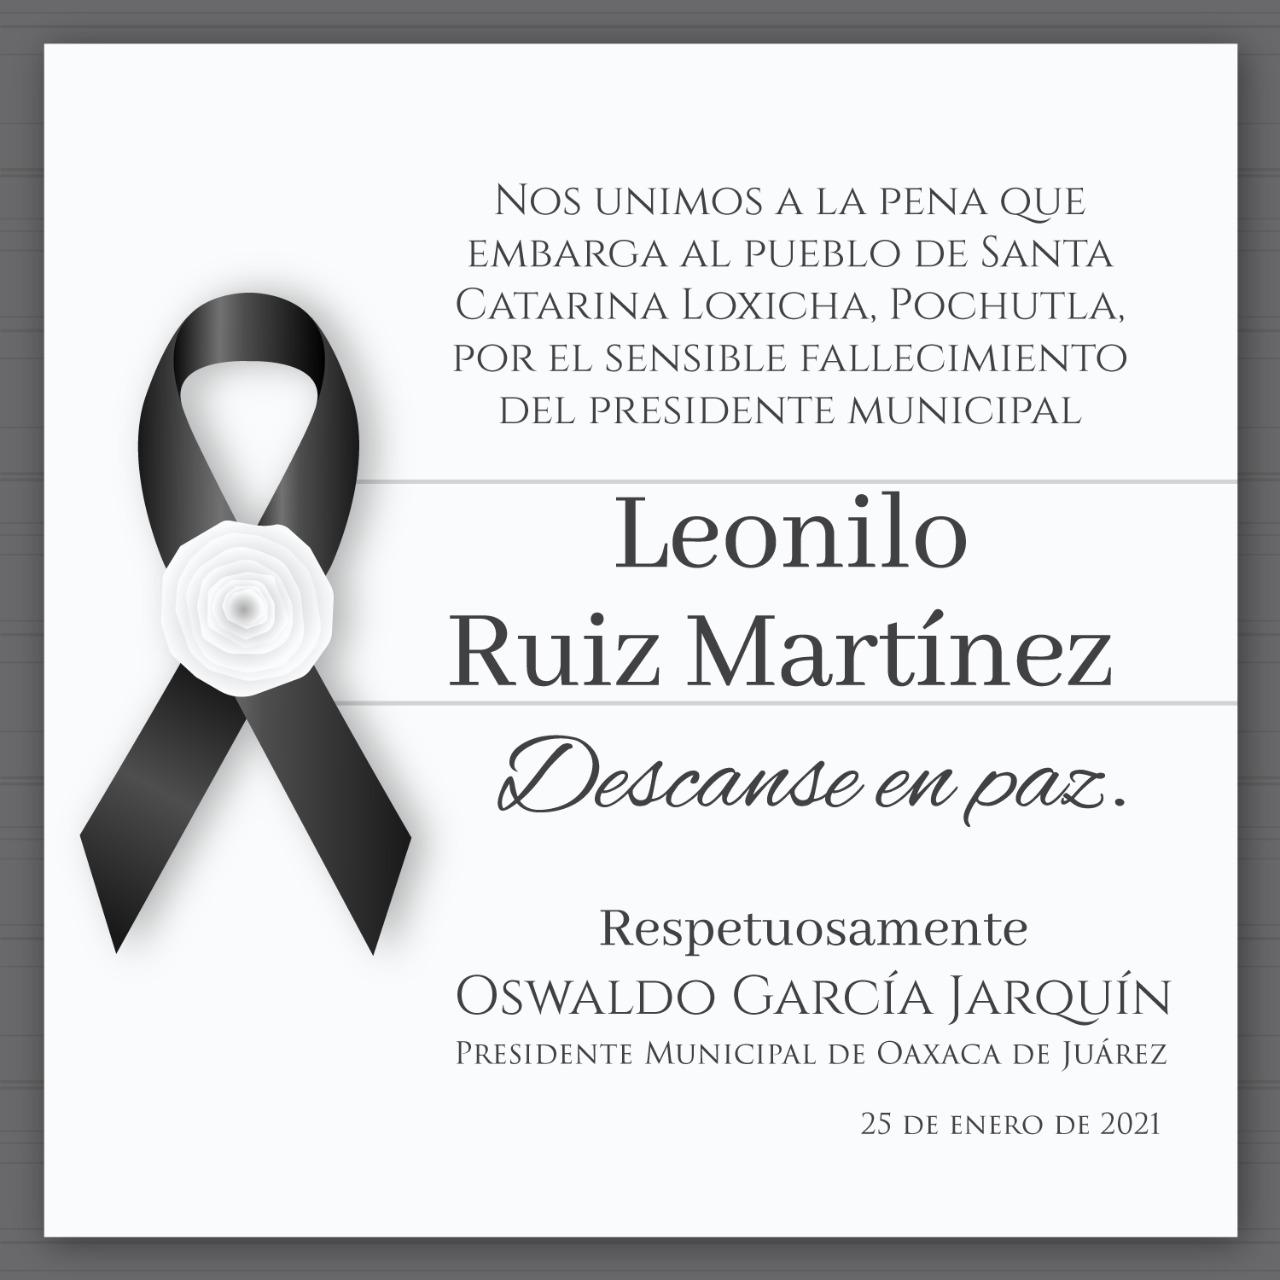 Leonilo Ruiz Martínez oaxaca alcalde COVID